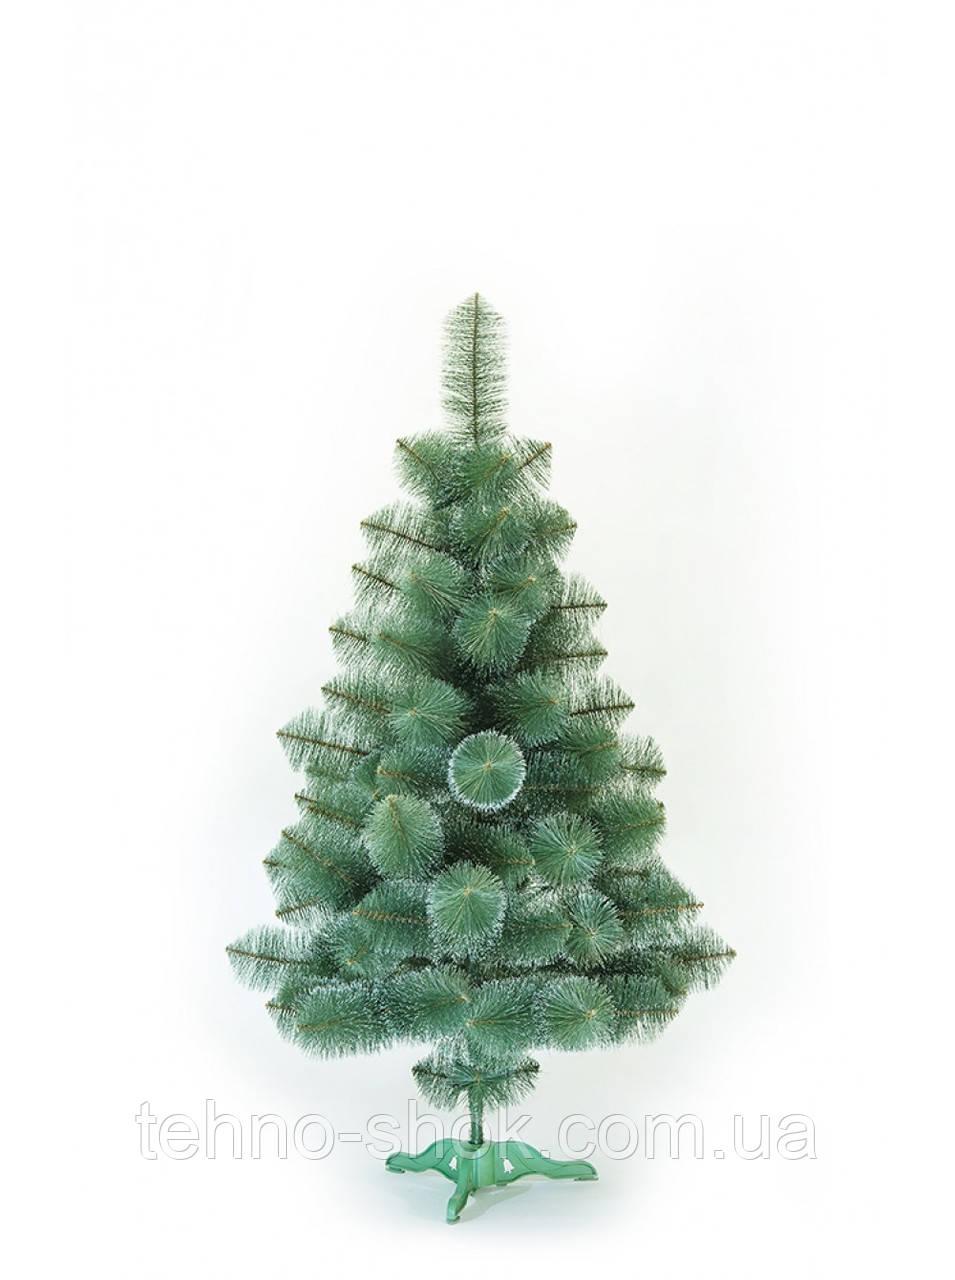 Сосна искусственная зелёная с белыми кончиками 0.7м (СШ-БК-0.7)